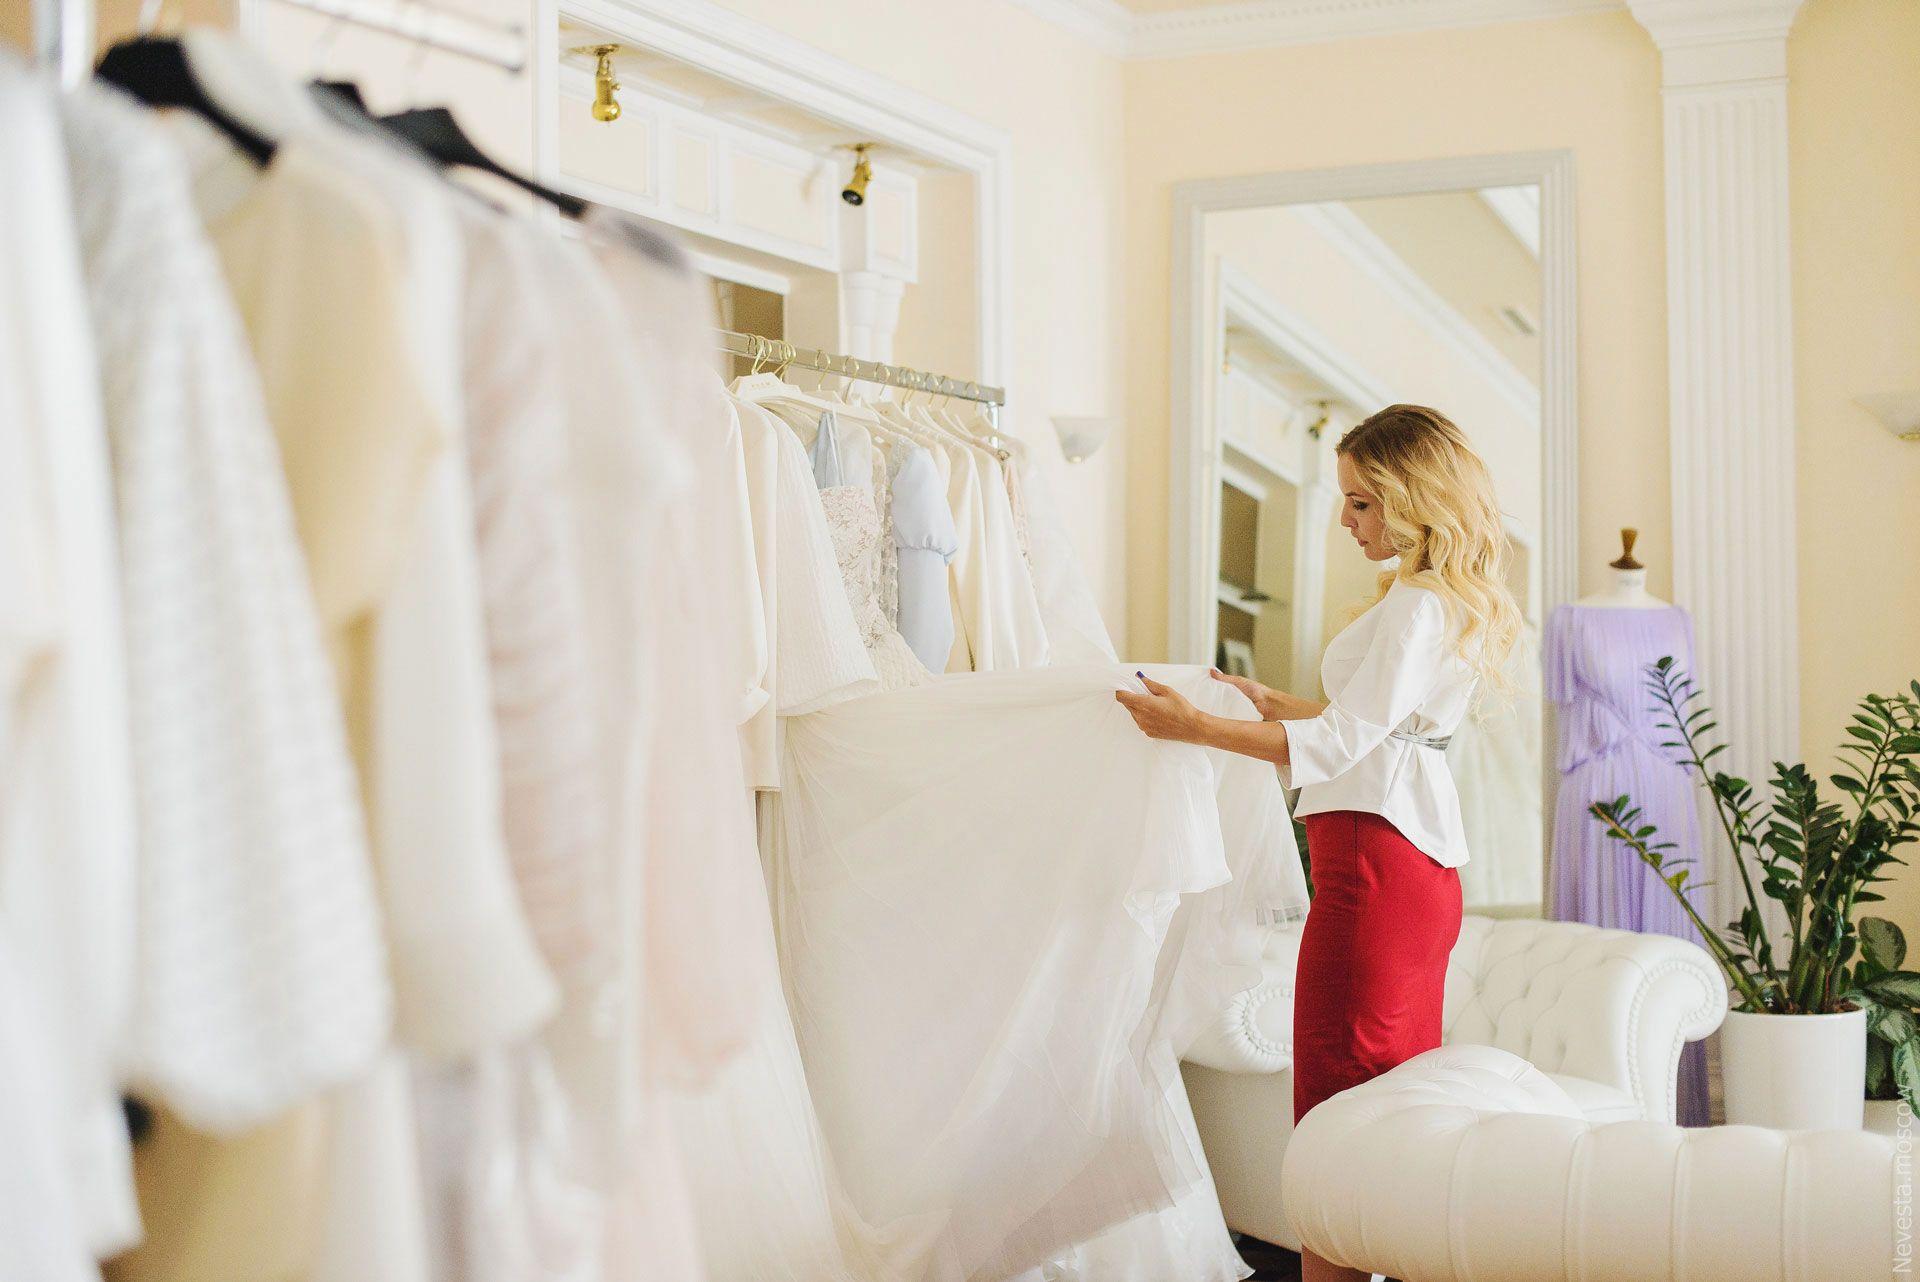 Анастасия Денисова примеряет свадебное платье фото 11